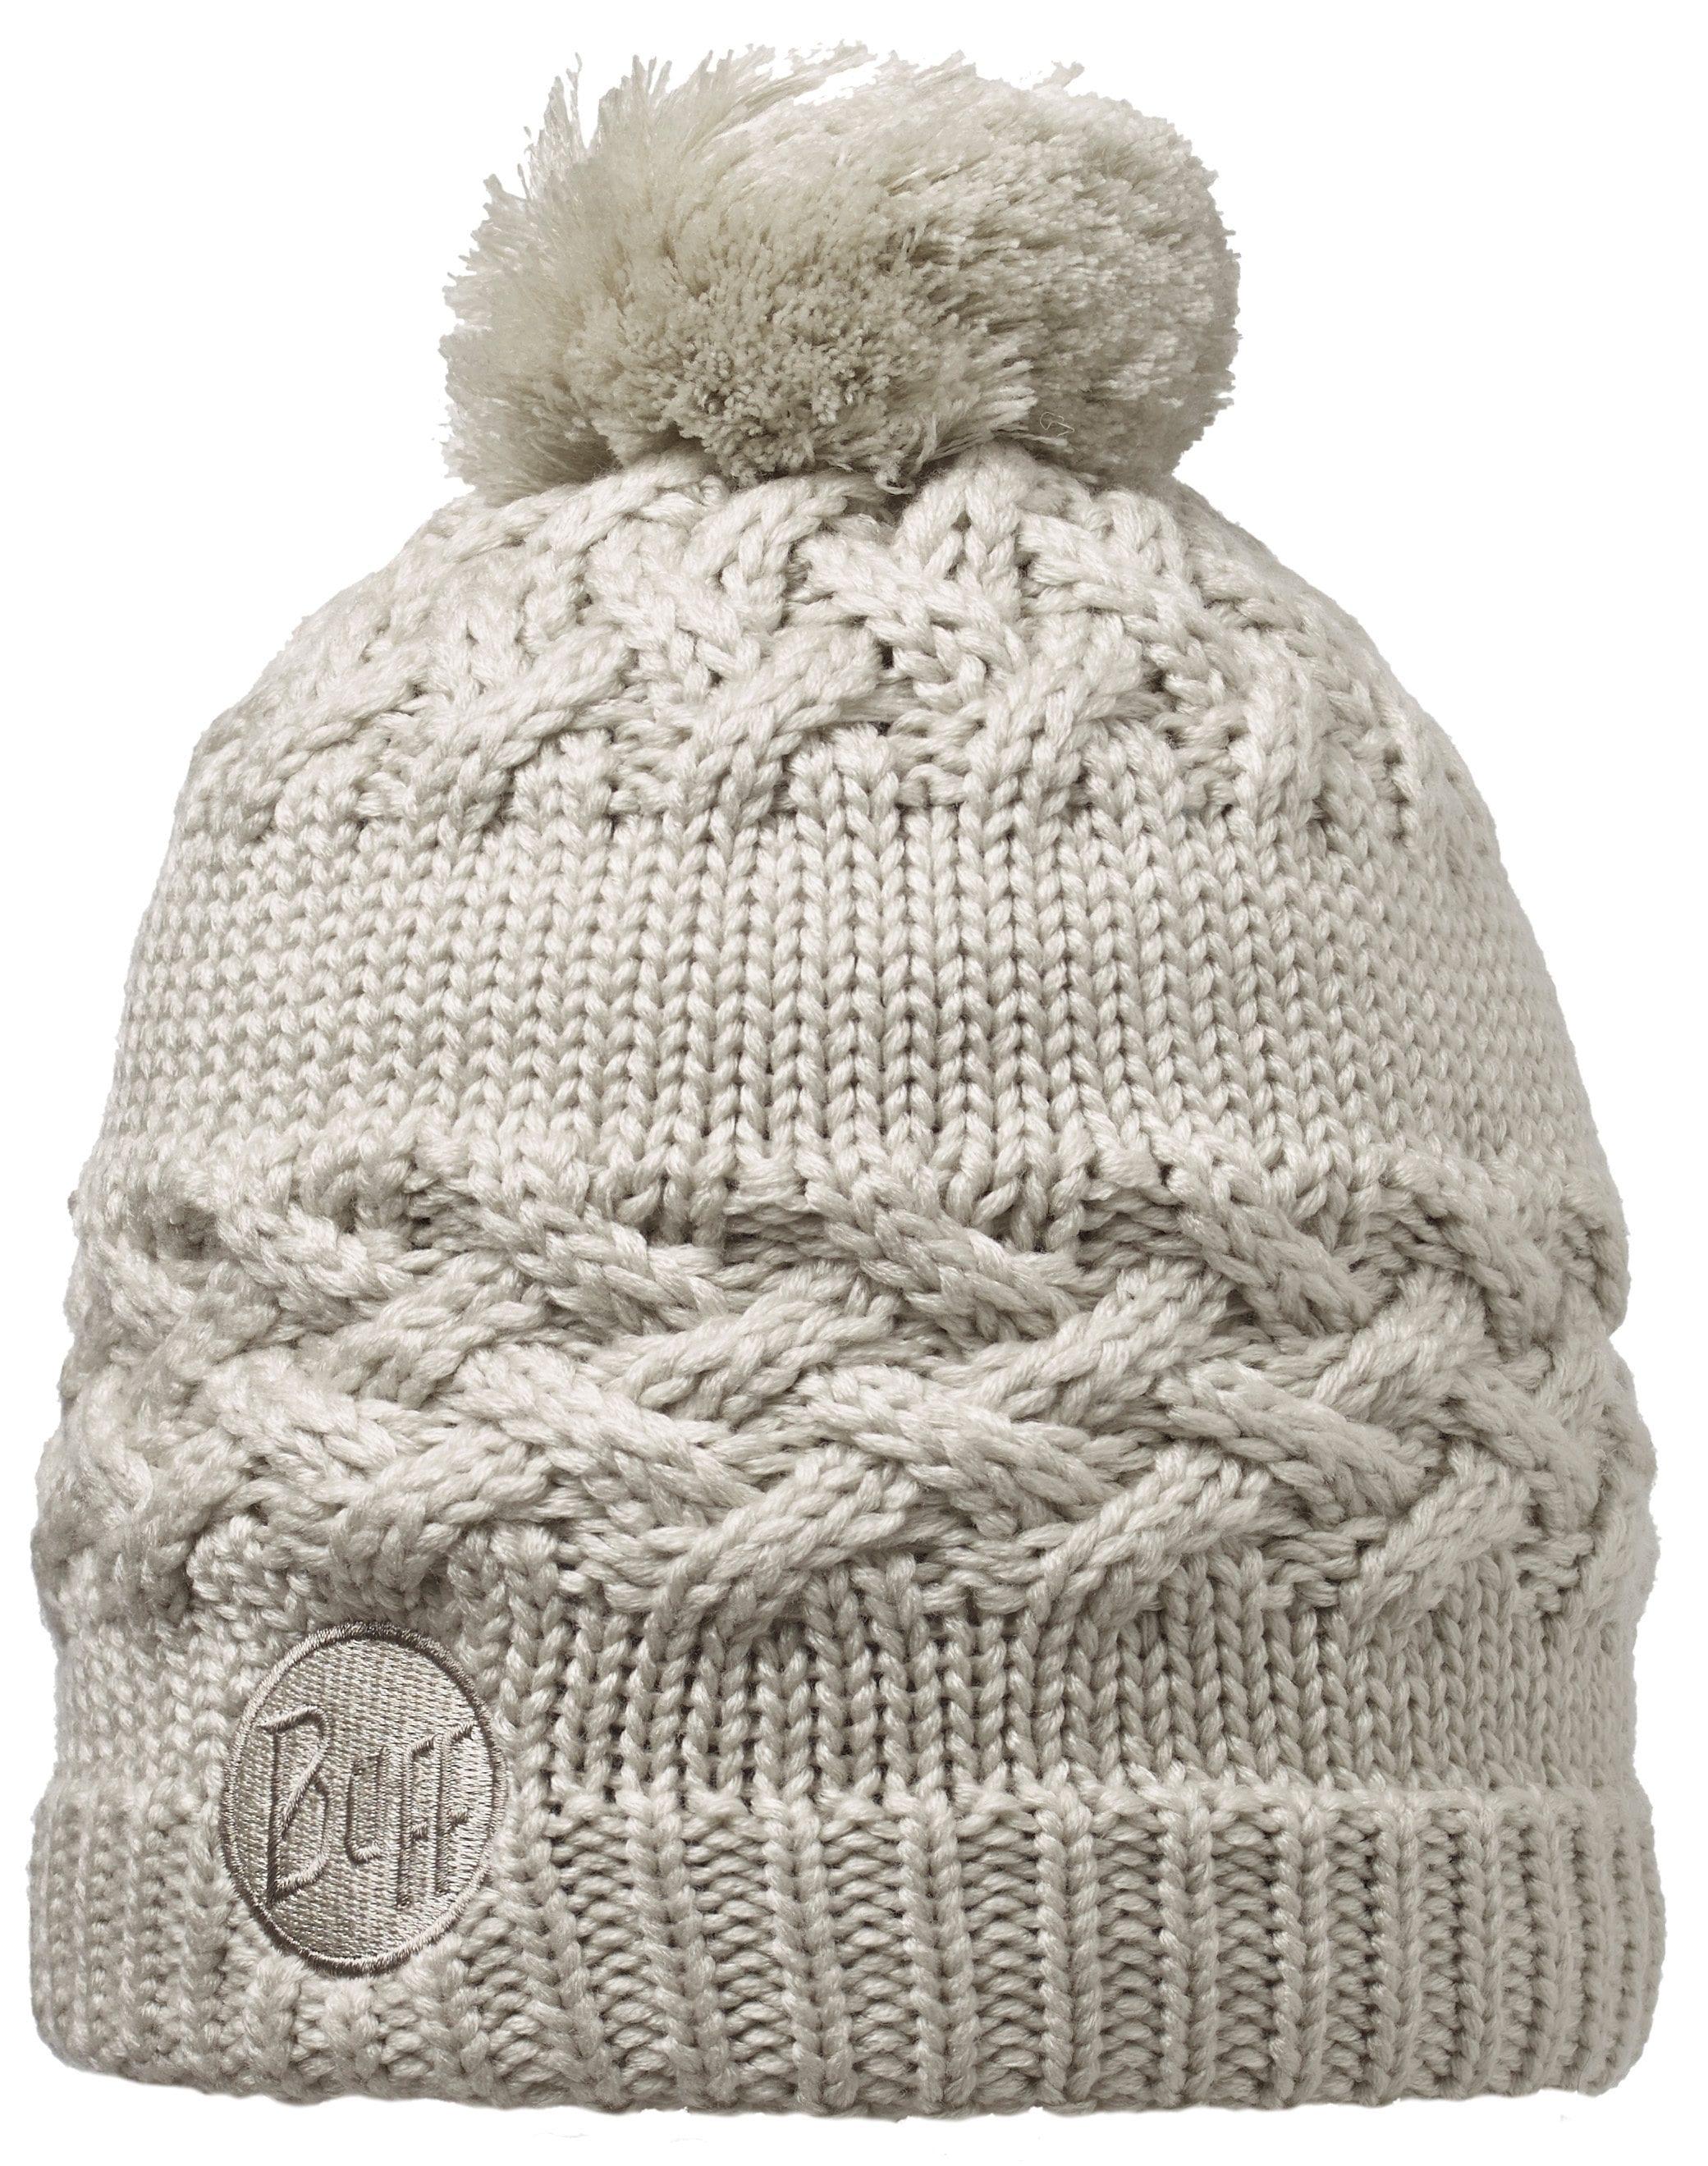 Buff Strickmütze Knitted Polar Hat Buff Damenmode/Schmuck & Accessoires/Accessoires/Mützen/Bommelmützen